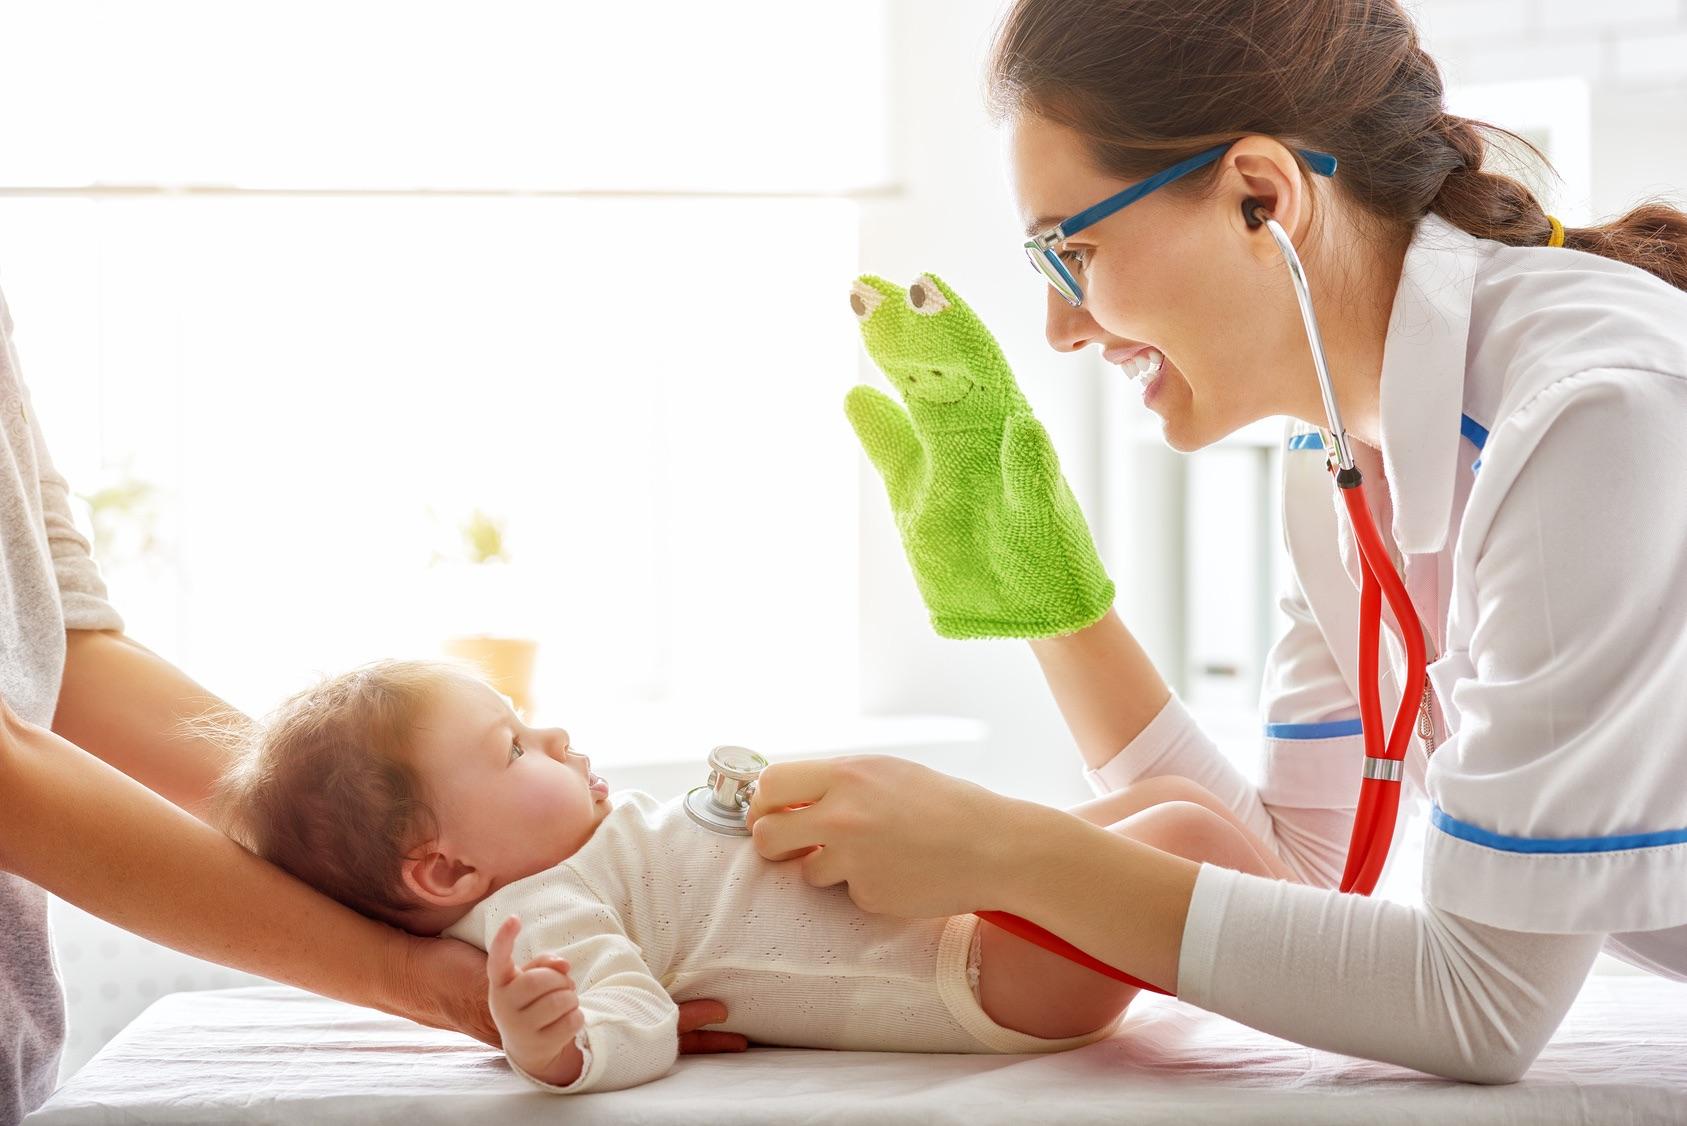 garde bébé à la journée